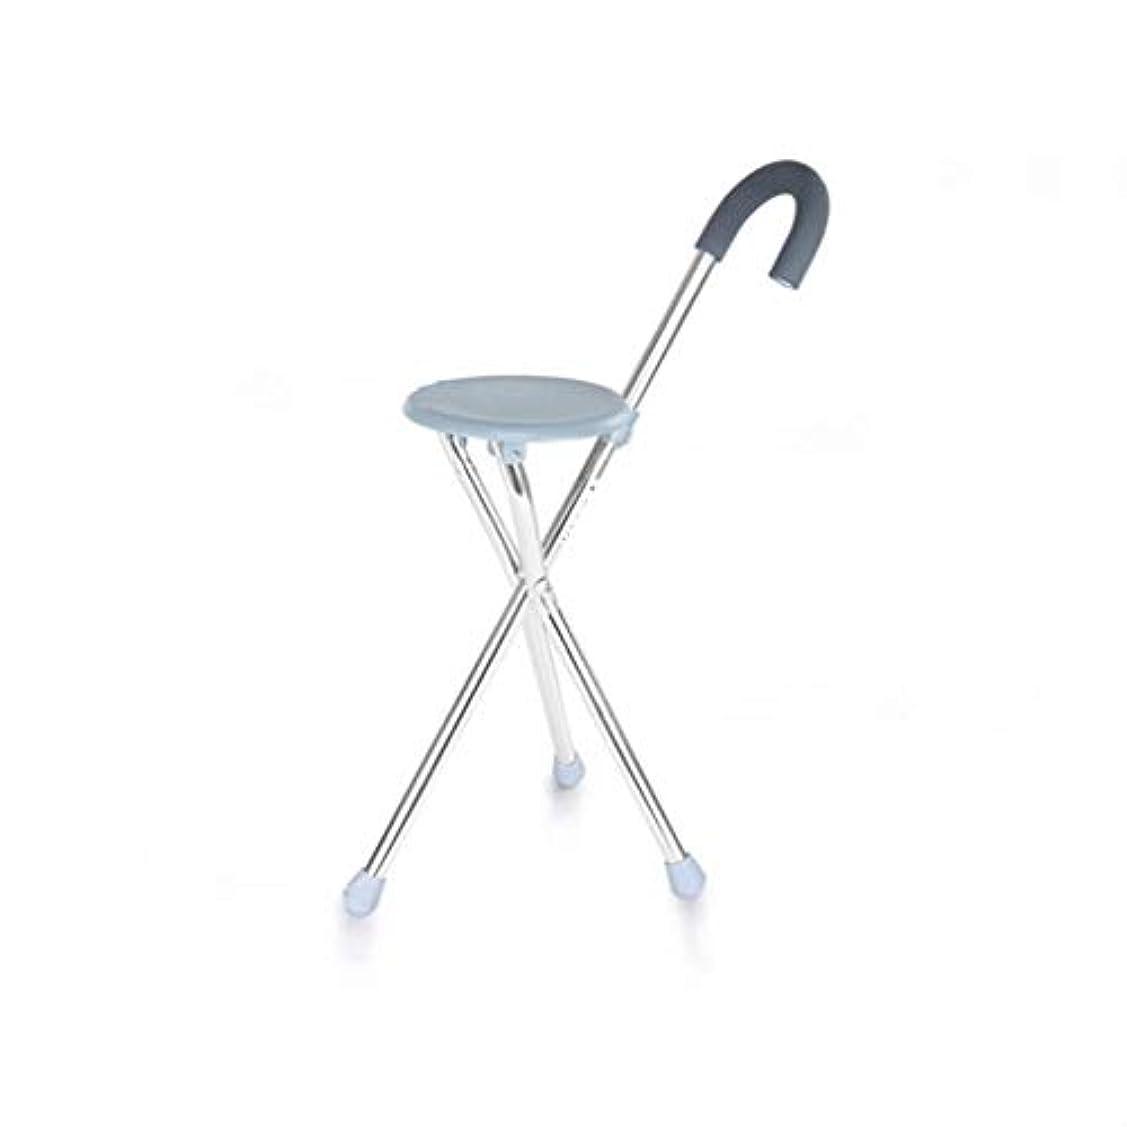 ジェット平均推定する杖スツールオールドマン松葉杖椅子アルミウォーカーオールドマンアンチスリップケーングレーウォーキングスティック三脚杖チェアスツール